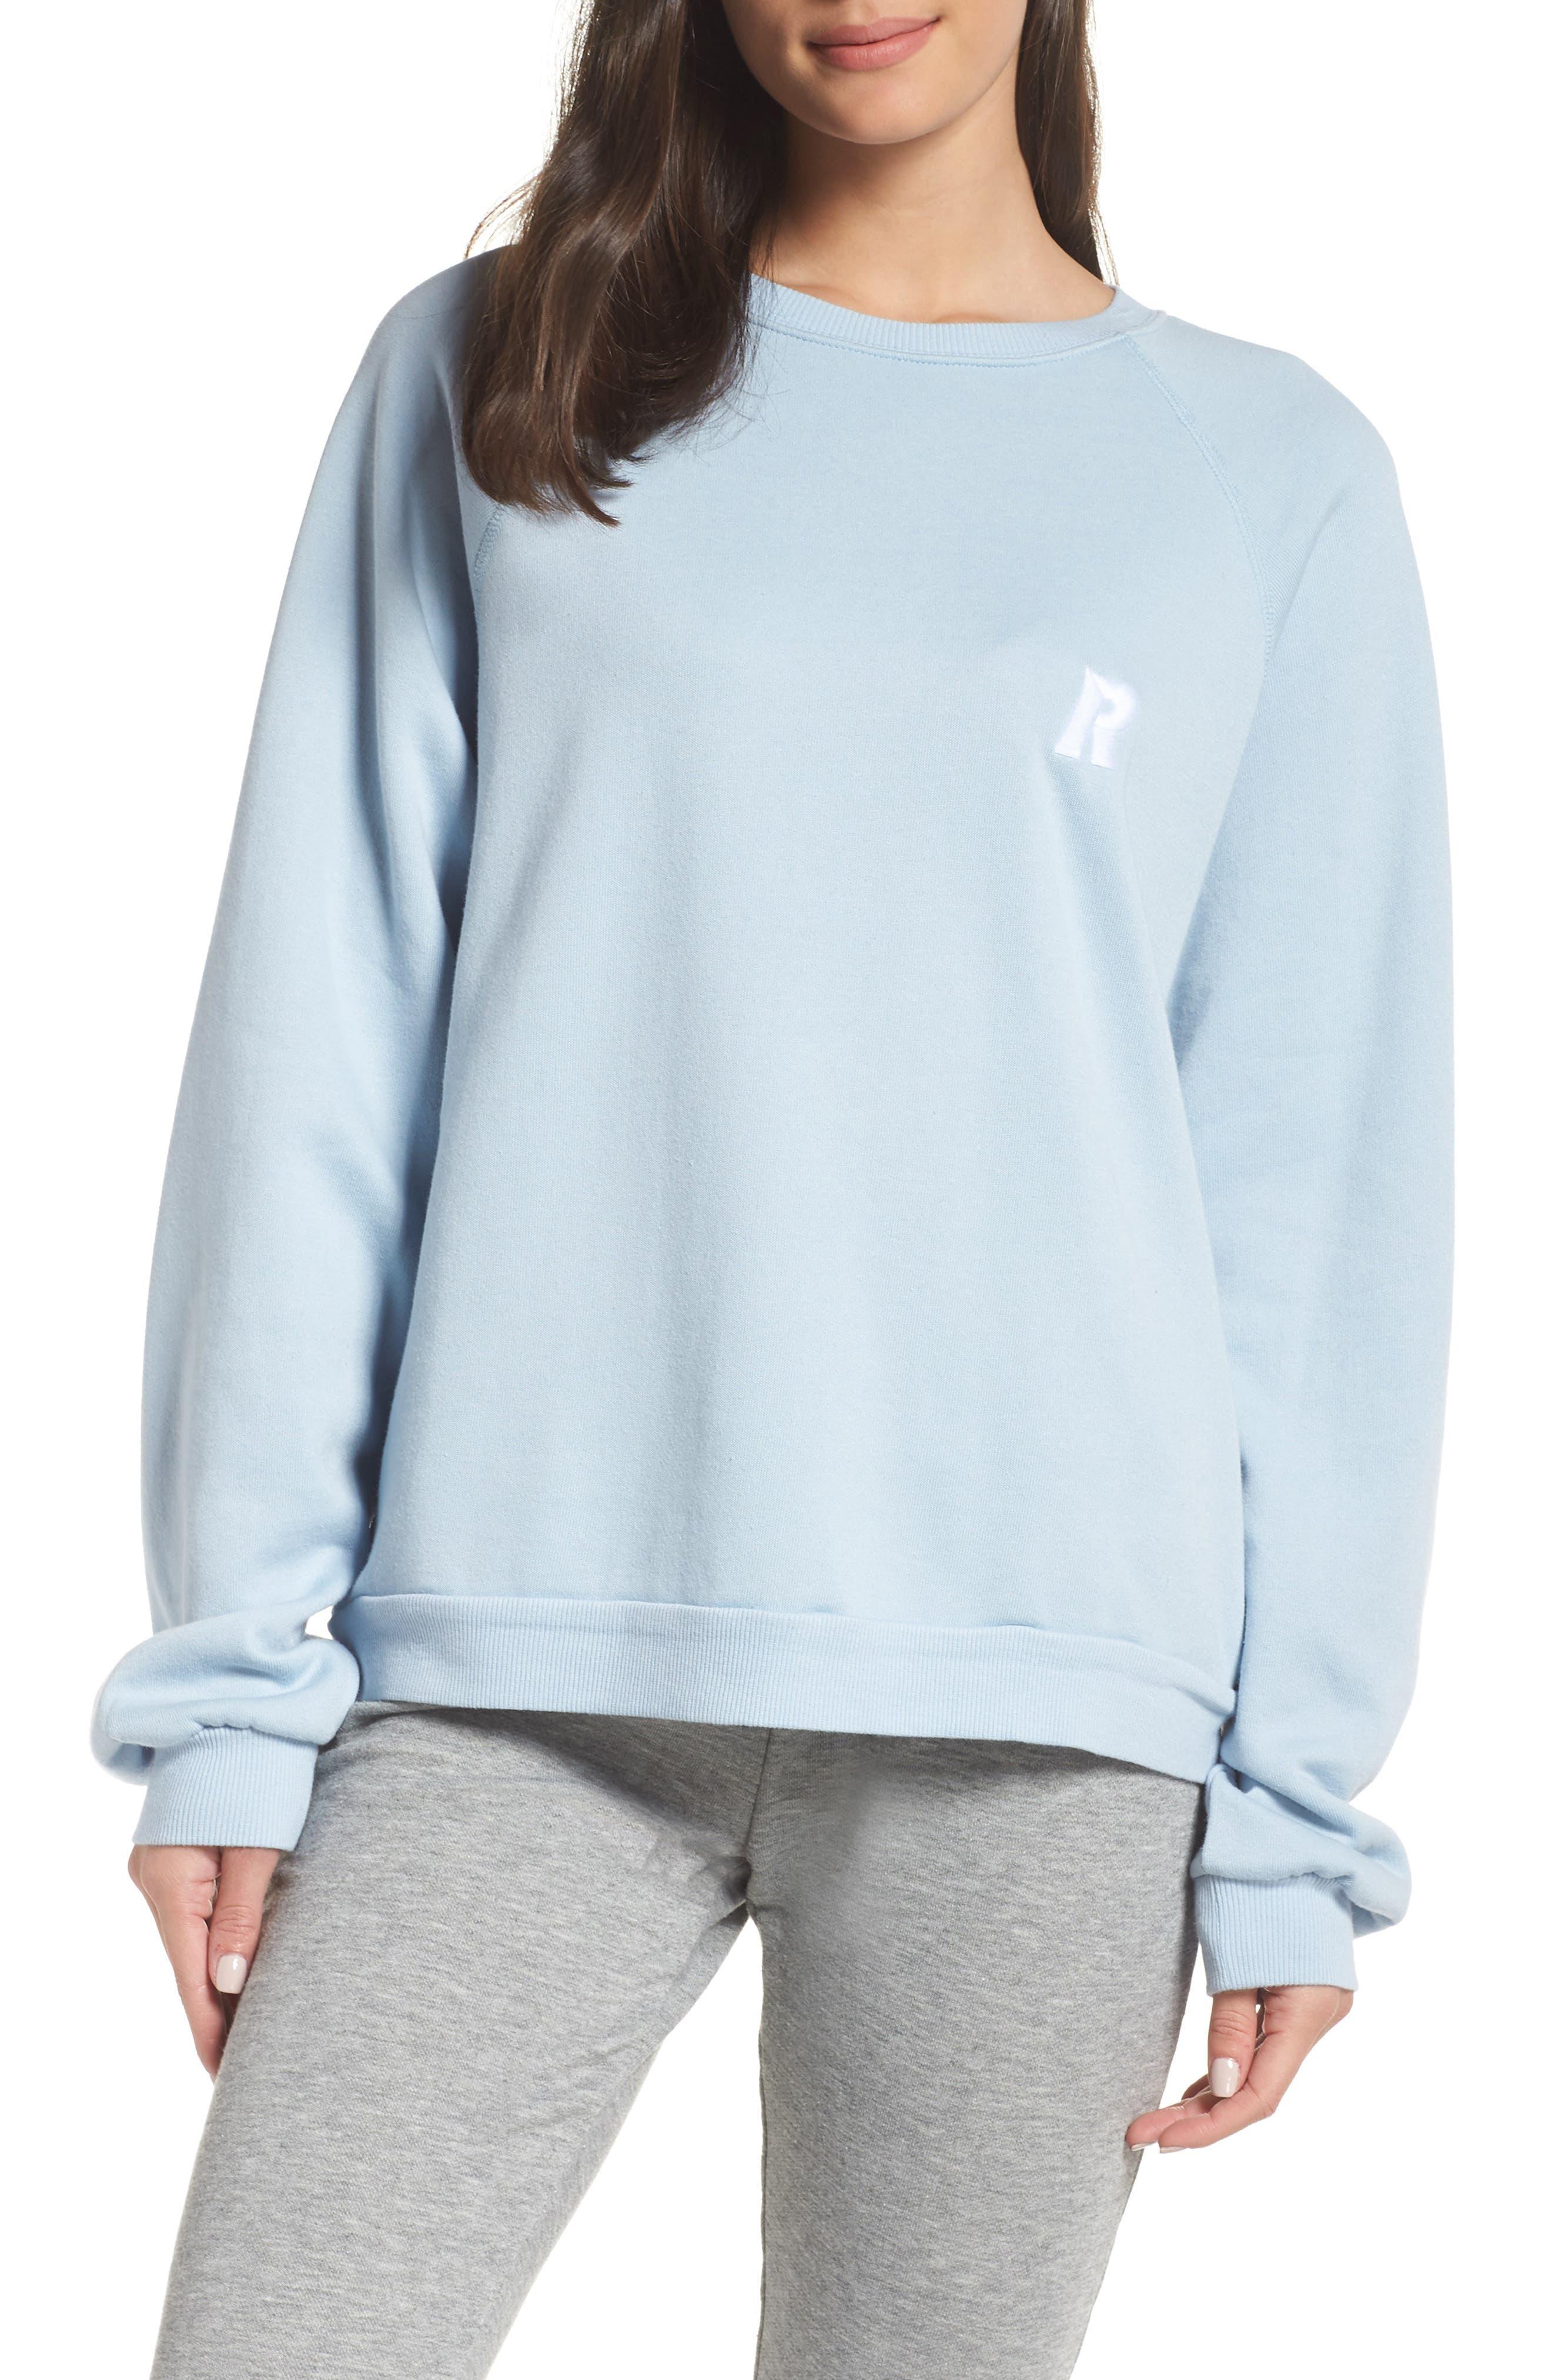 RAGDOLL Oversize Sweatshirt in Light Blue